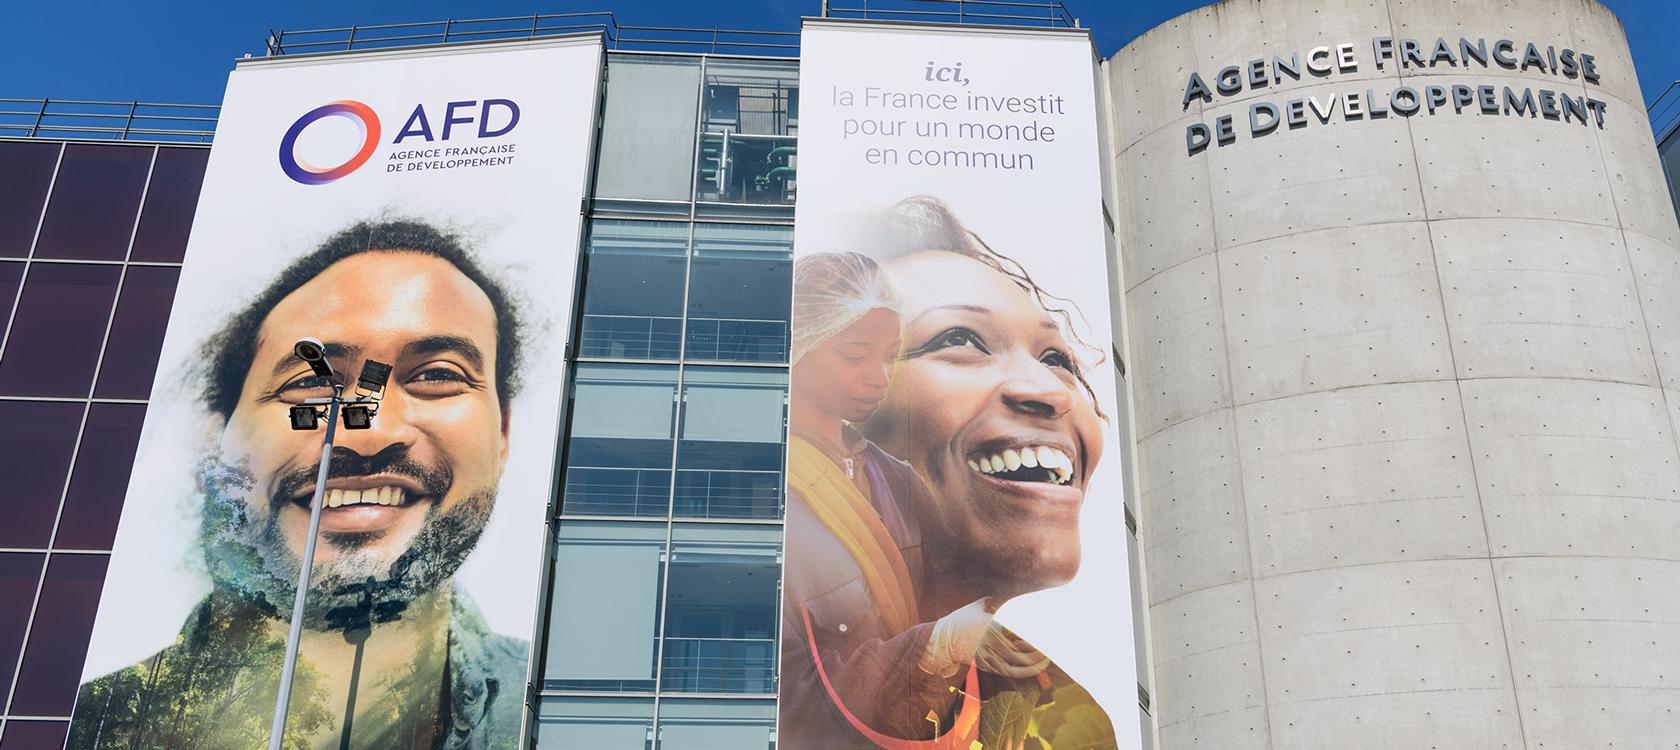 L'AFD crée un Fonds d'innovation pour le développement